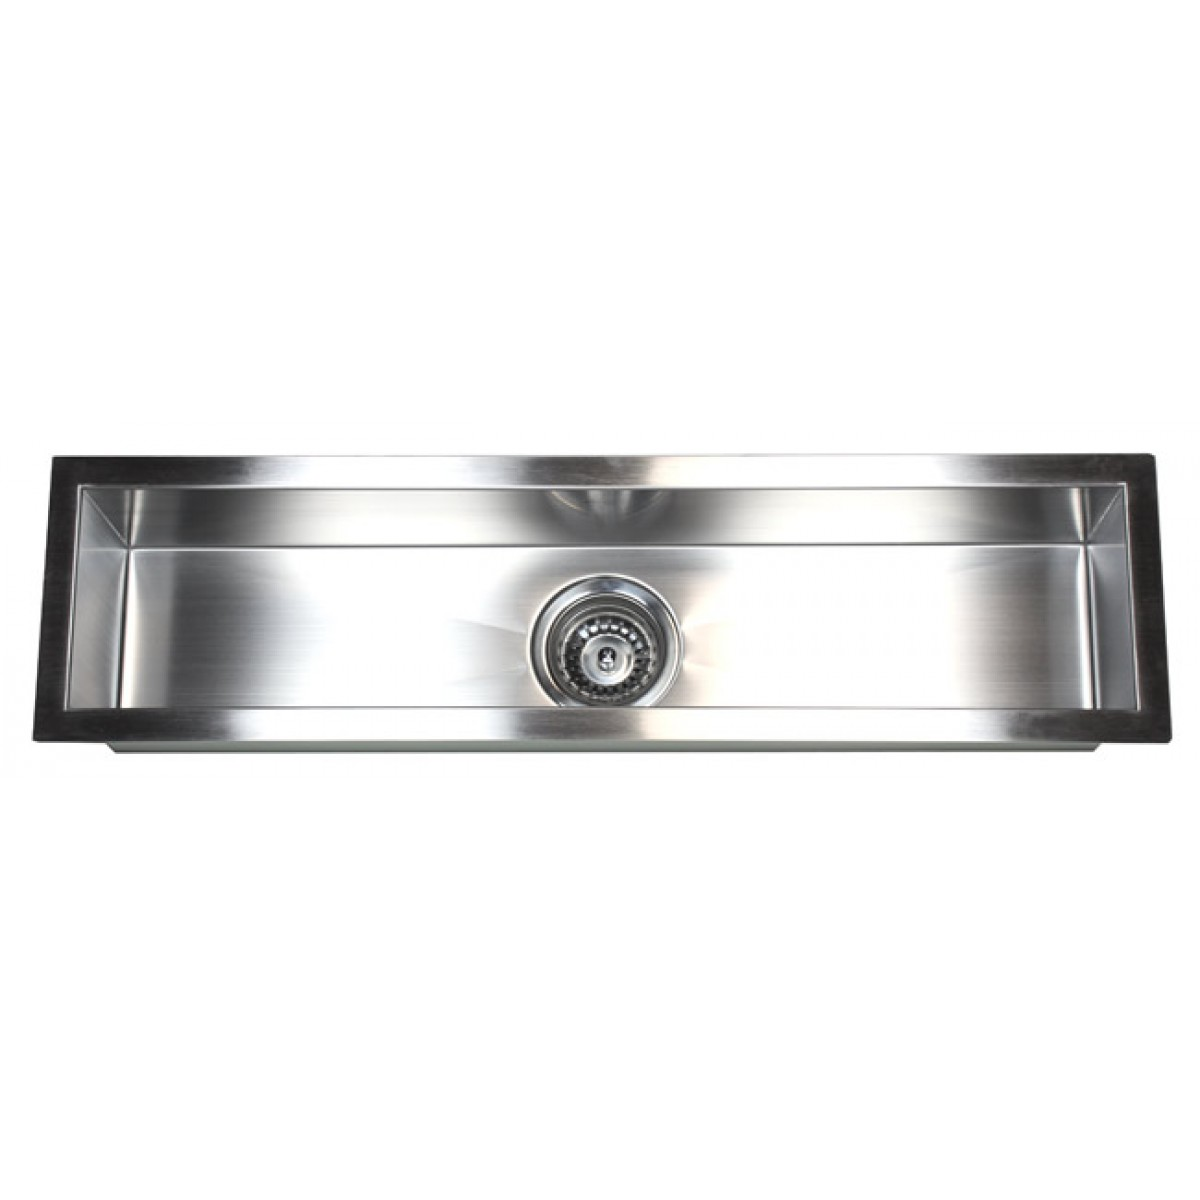 Narrow Sinks Kitchen 32 inch stainless steel undermount single bowl kitchen bar prep 32 inch stainless steel undermount single narrow bowl kitchen bar prep sink zero radius design workwithnaturefo